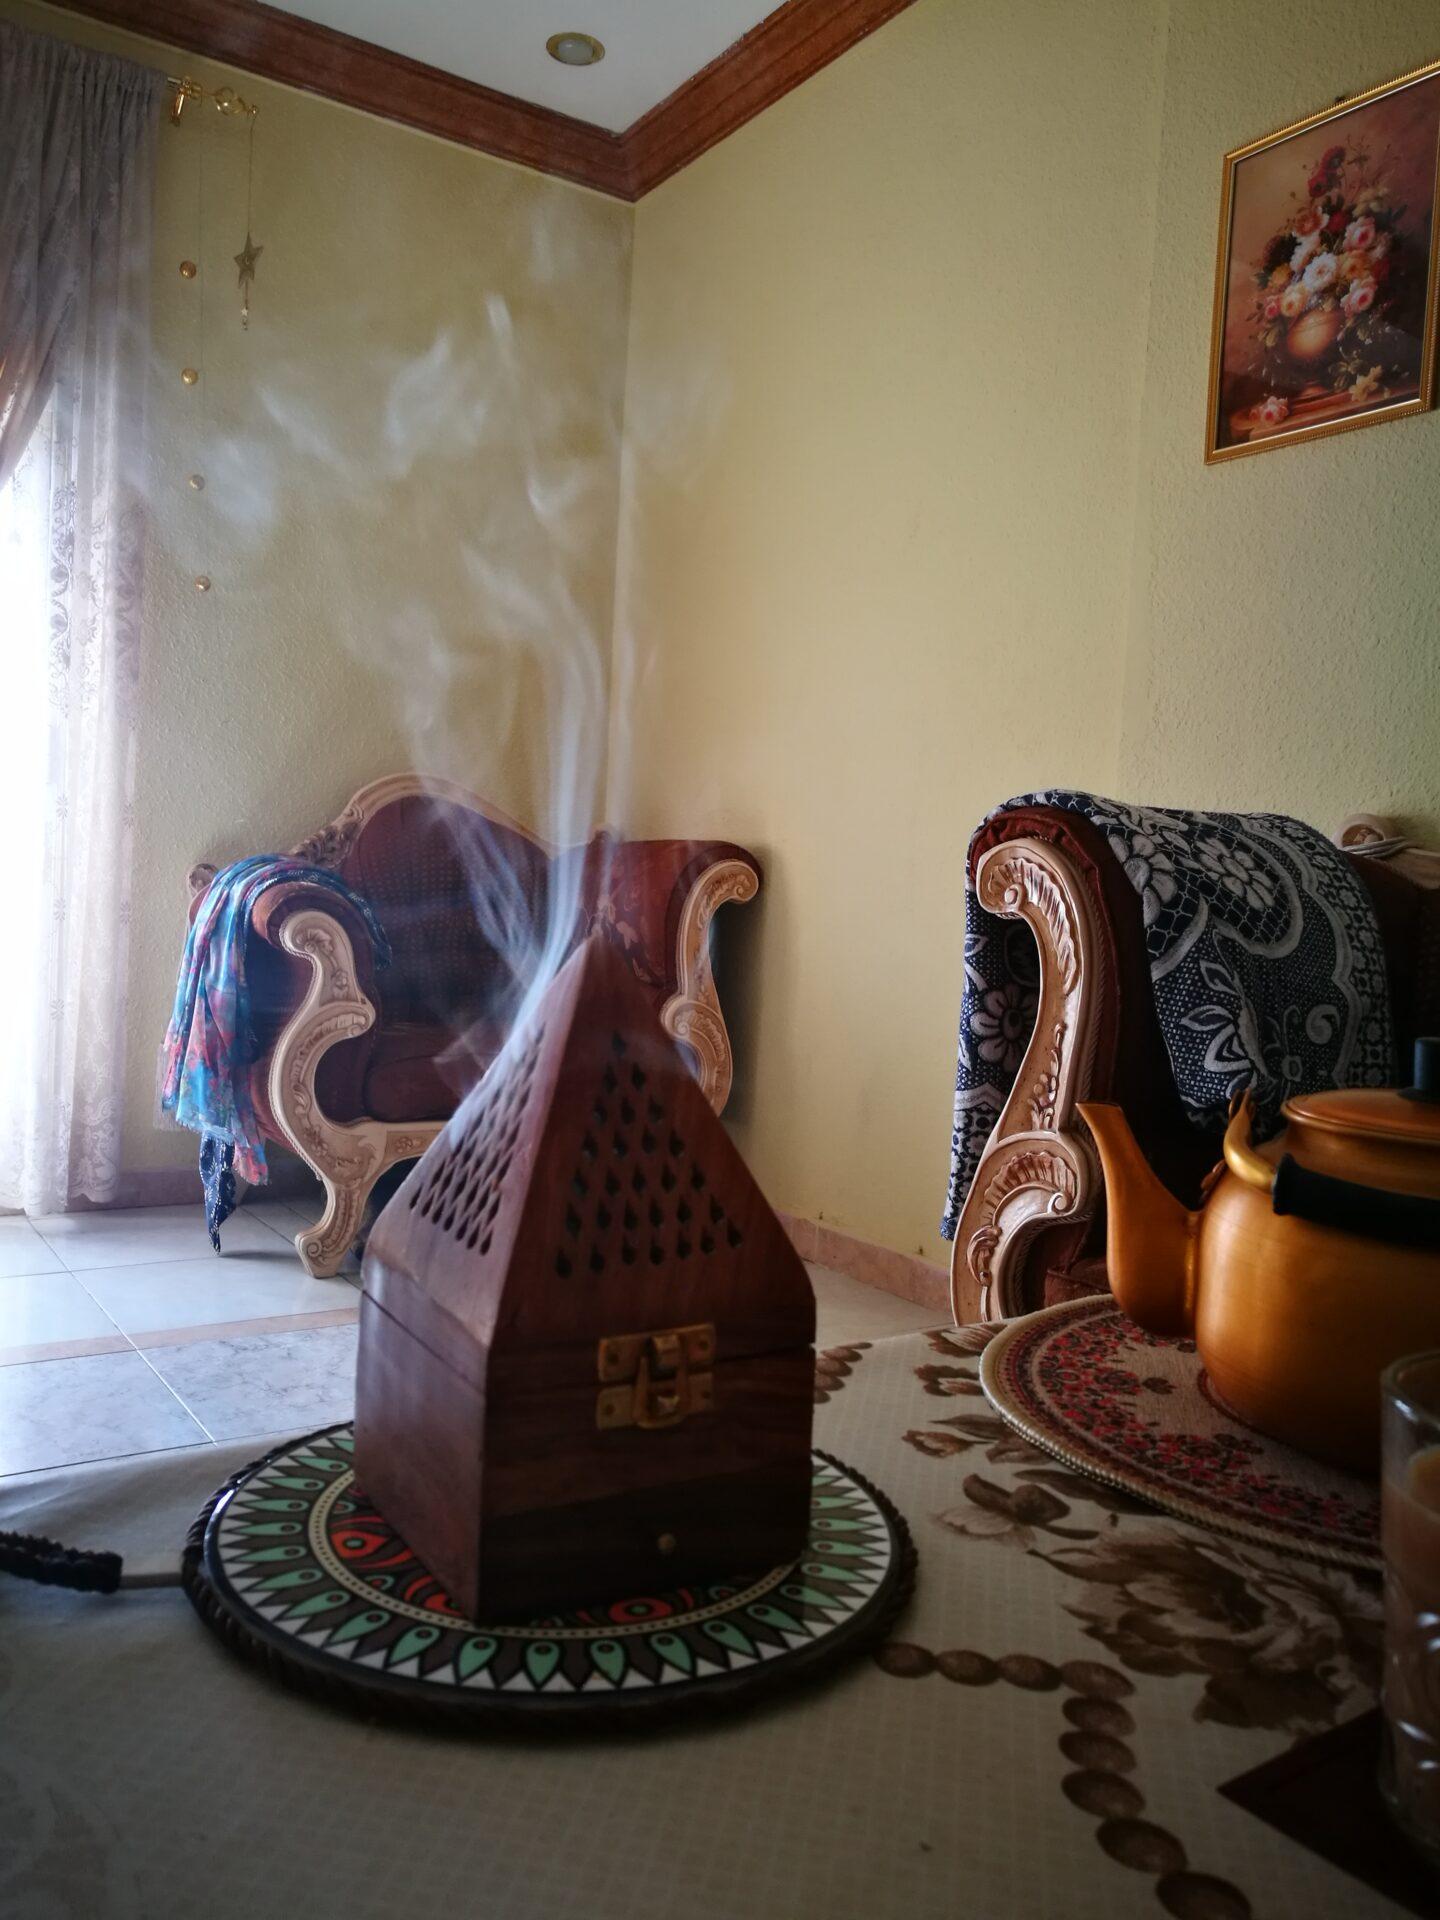 lesen podstavek/gorilnik za kadilo, iz njega prihaja dim; poleg je na mizici čajnik, v ozadju orientalsko pohištvo, skozi okno prihaja medla svetloba